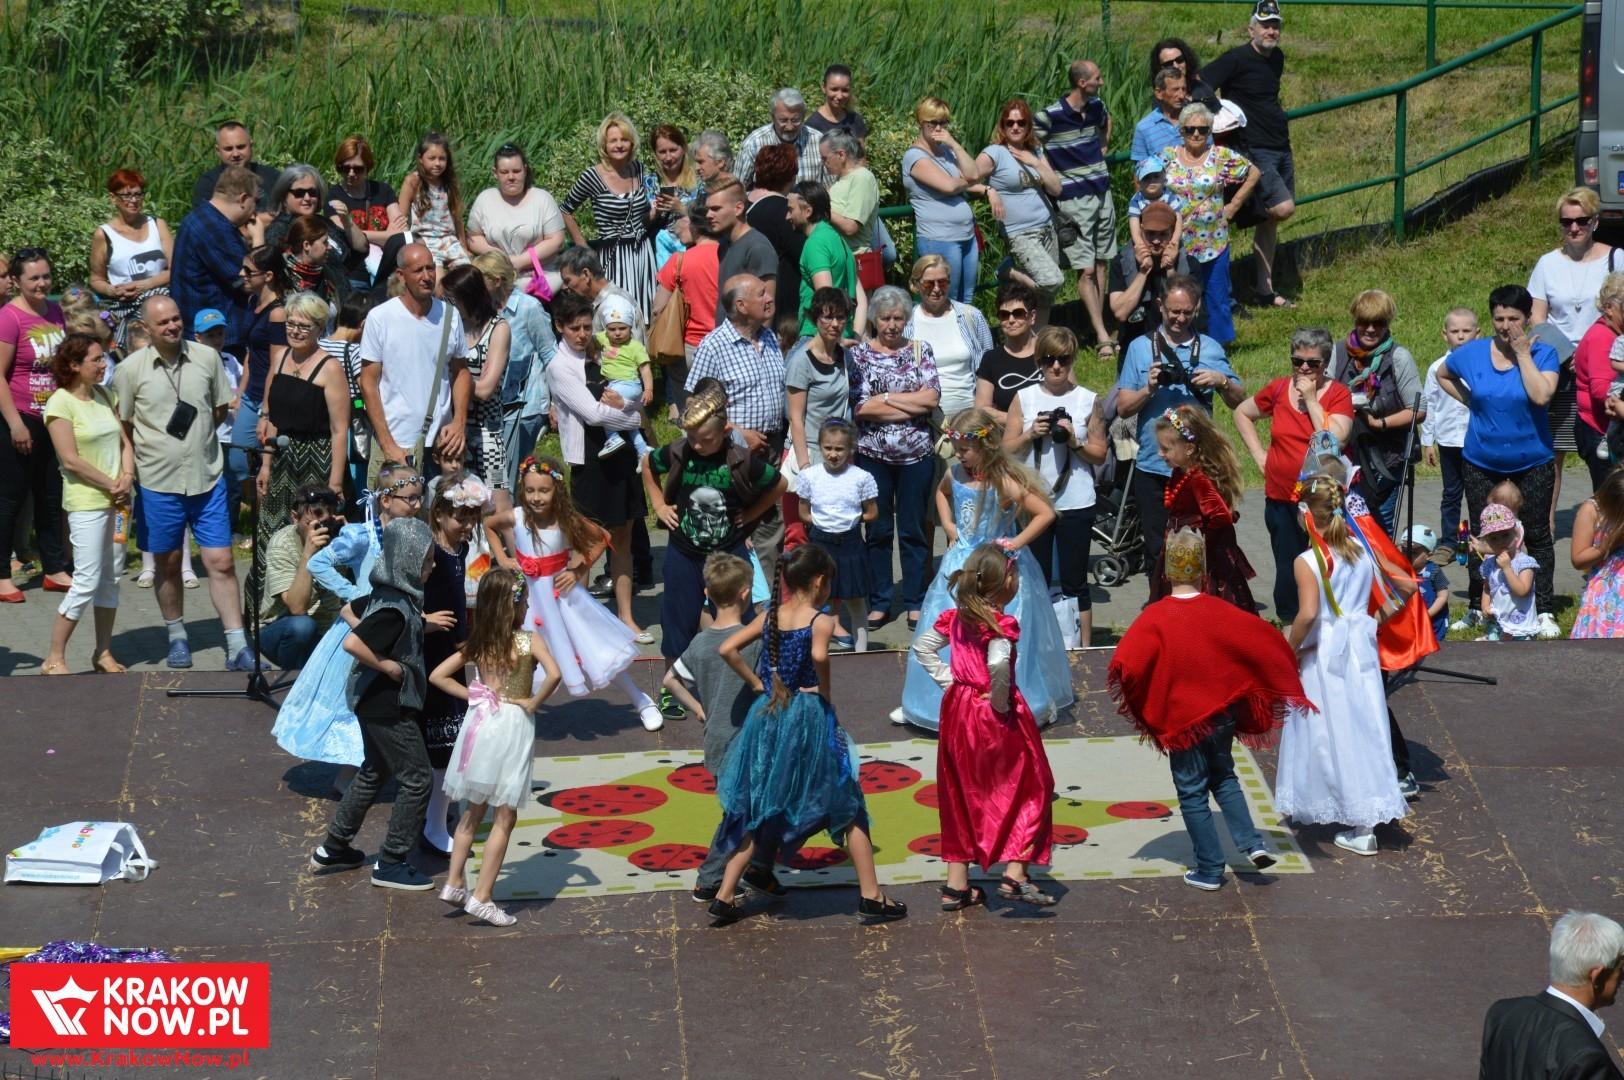 25 lat osiedla rzaka krakow festyn rodzinny 44 150x150 - 25 lat Osiedla Rżąka - galeria zdjęć z festynu